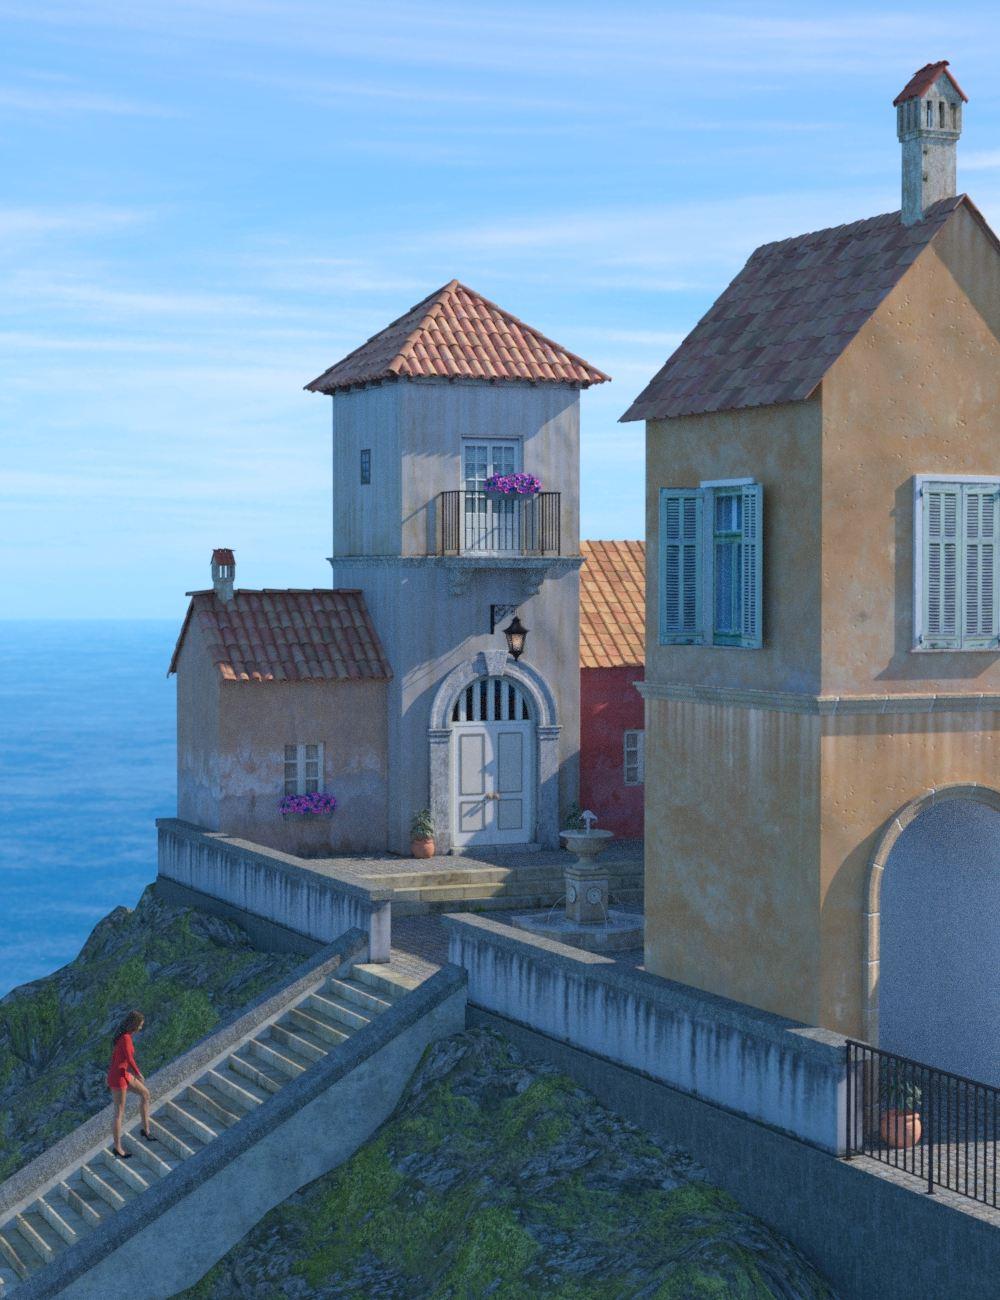 Seaside Village by: bitwelder, 3D Models by Daz 3D